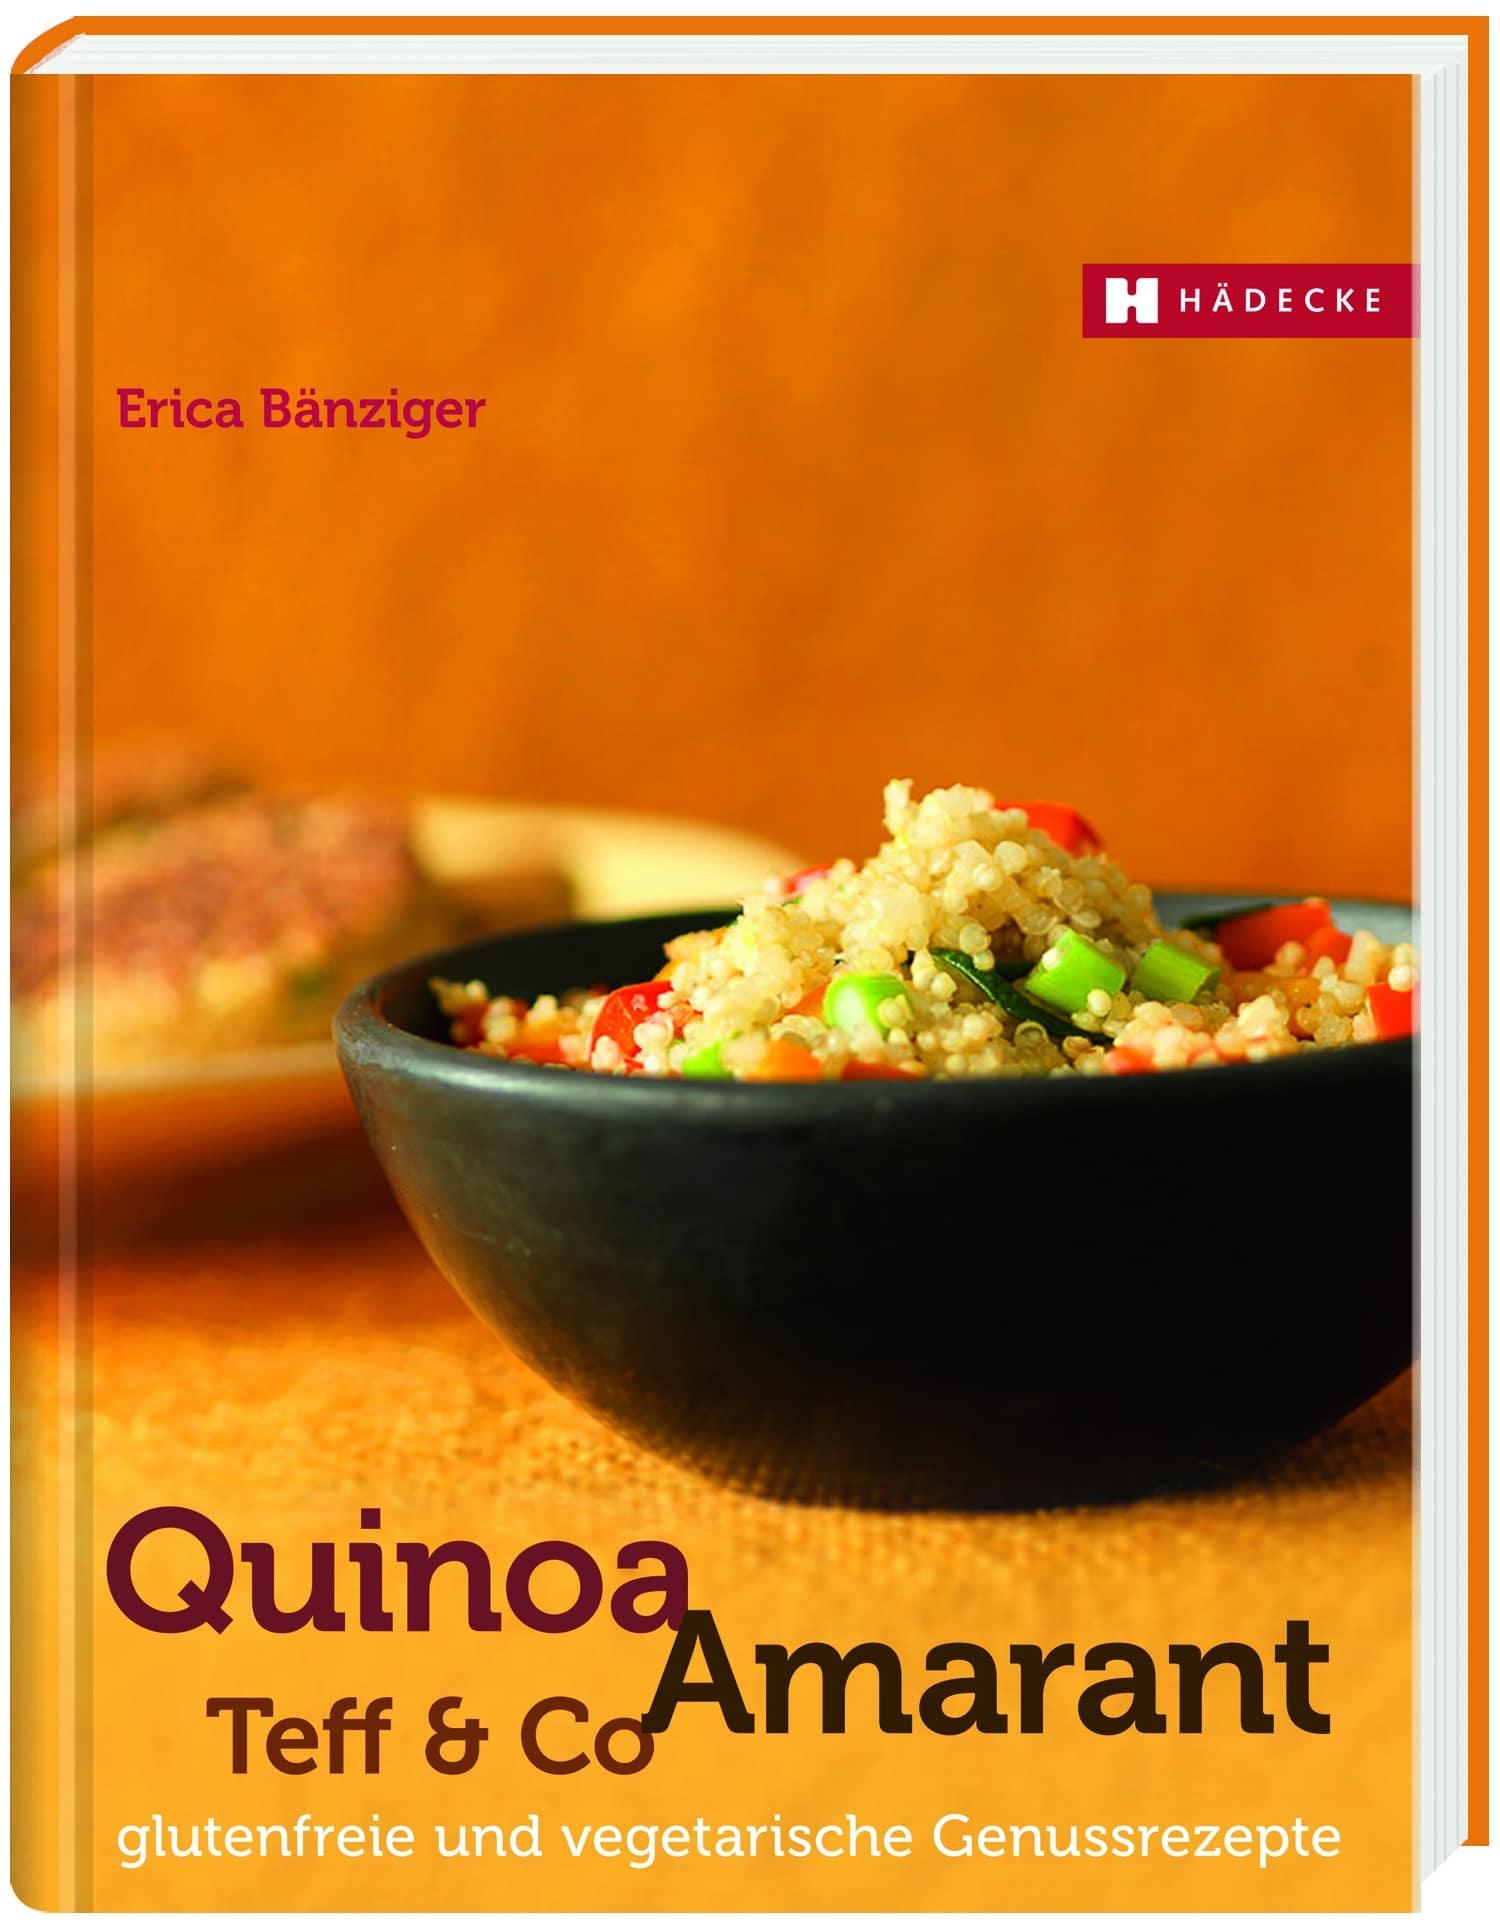 https://proveg.com/de/wp-content/uploads/sites/5/2018/10/cover_quinoa.jpg